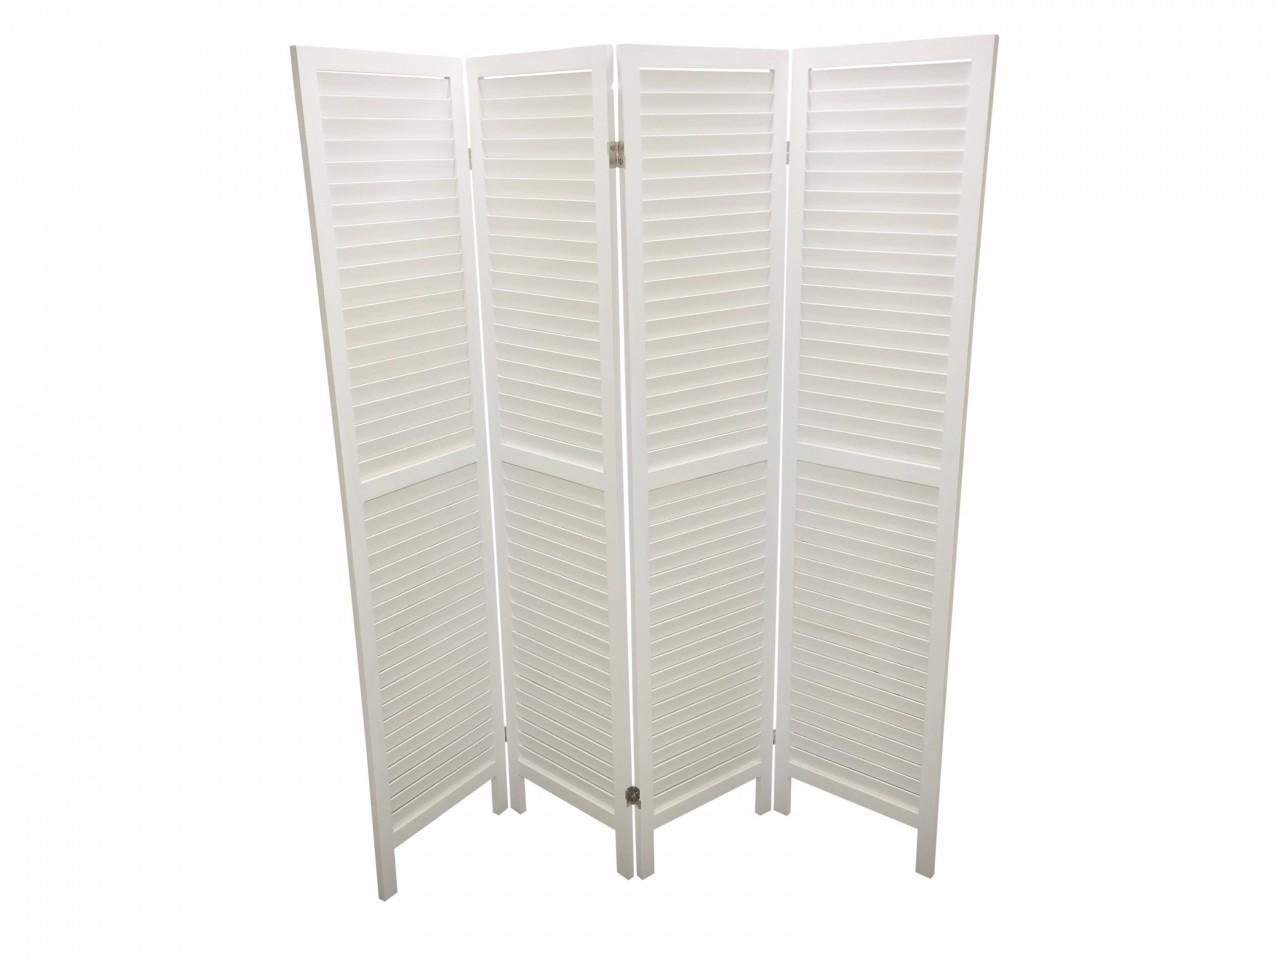 WOODEN SLAT ROOM DIVIDER WHITE 4 PANELS Eazy Goods